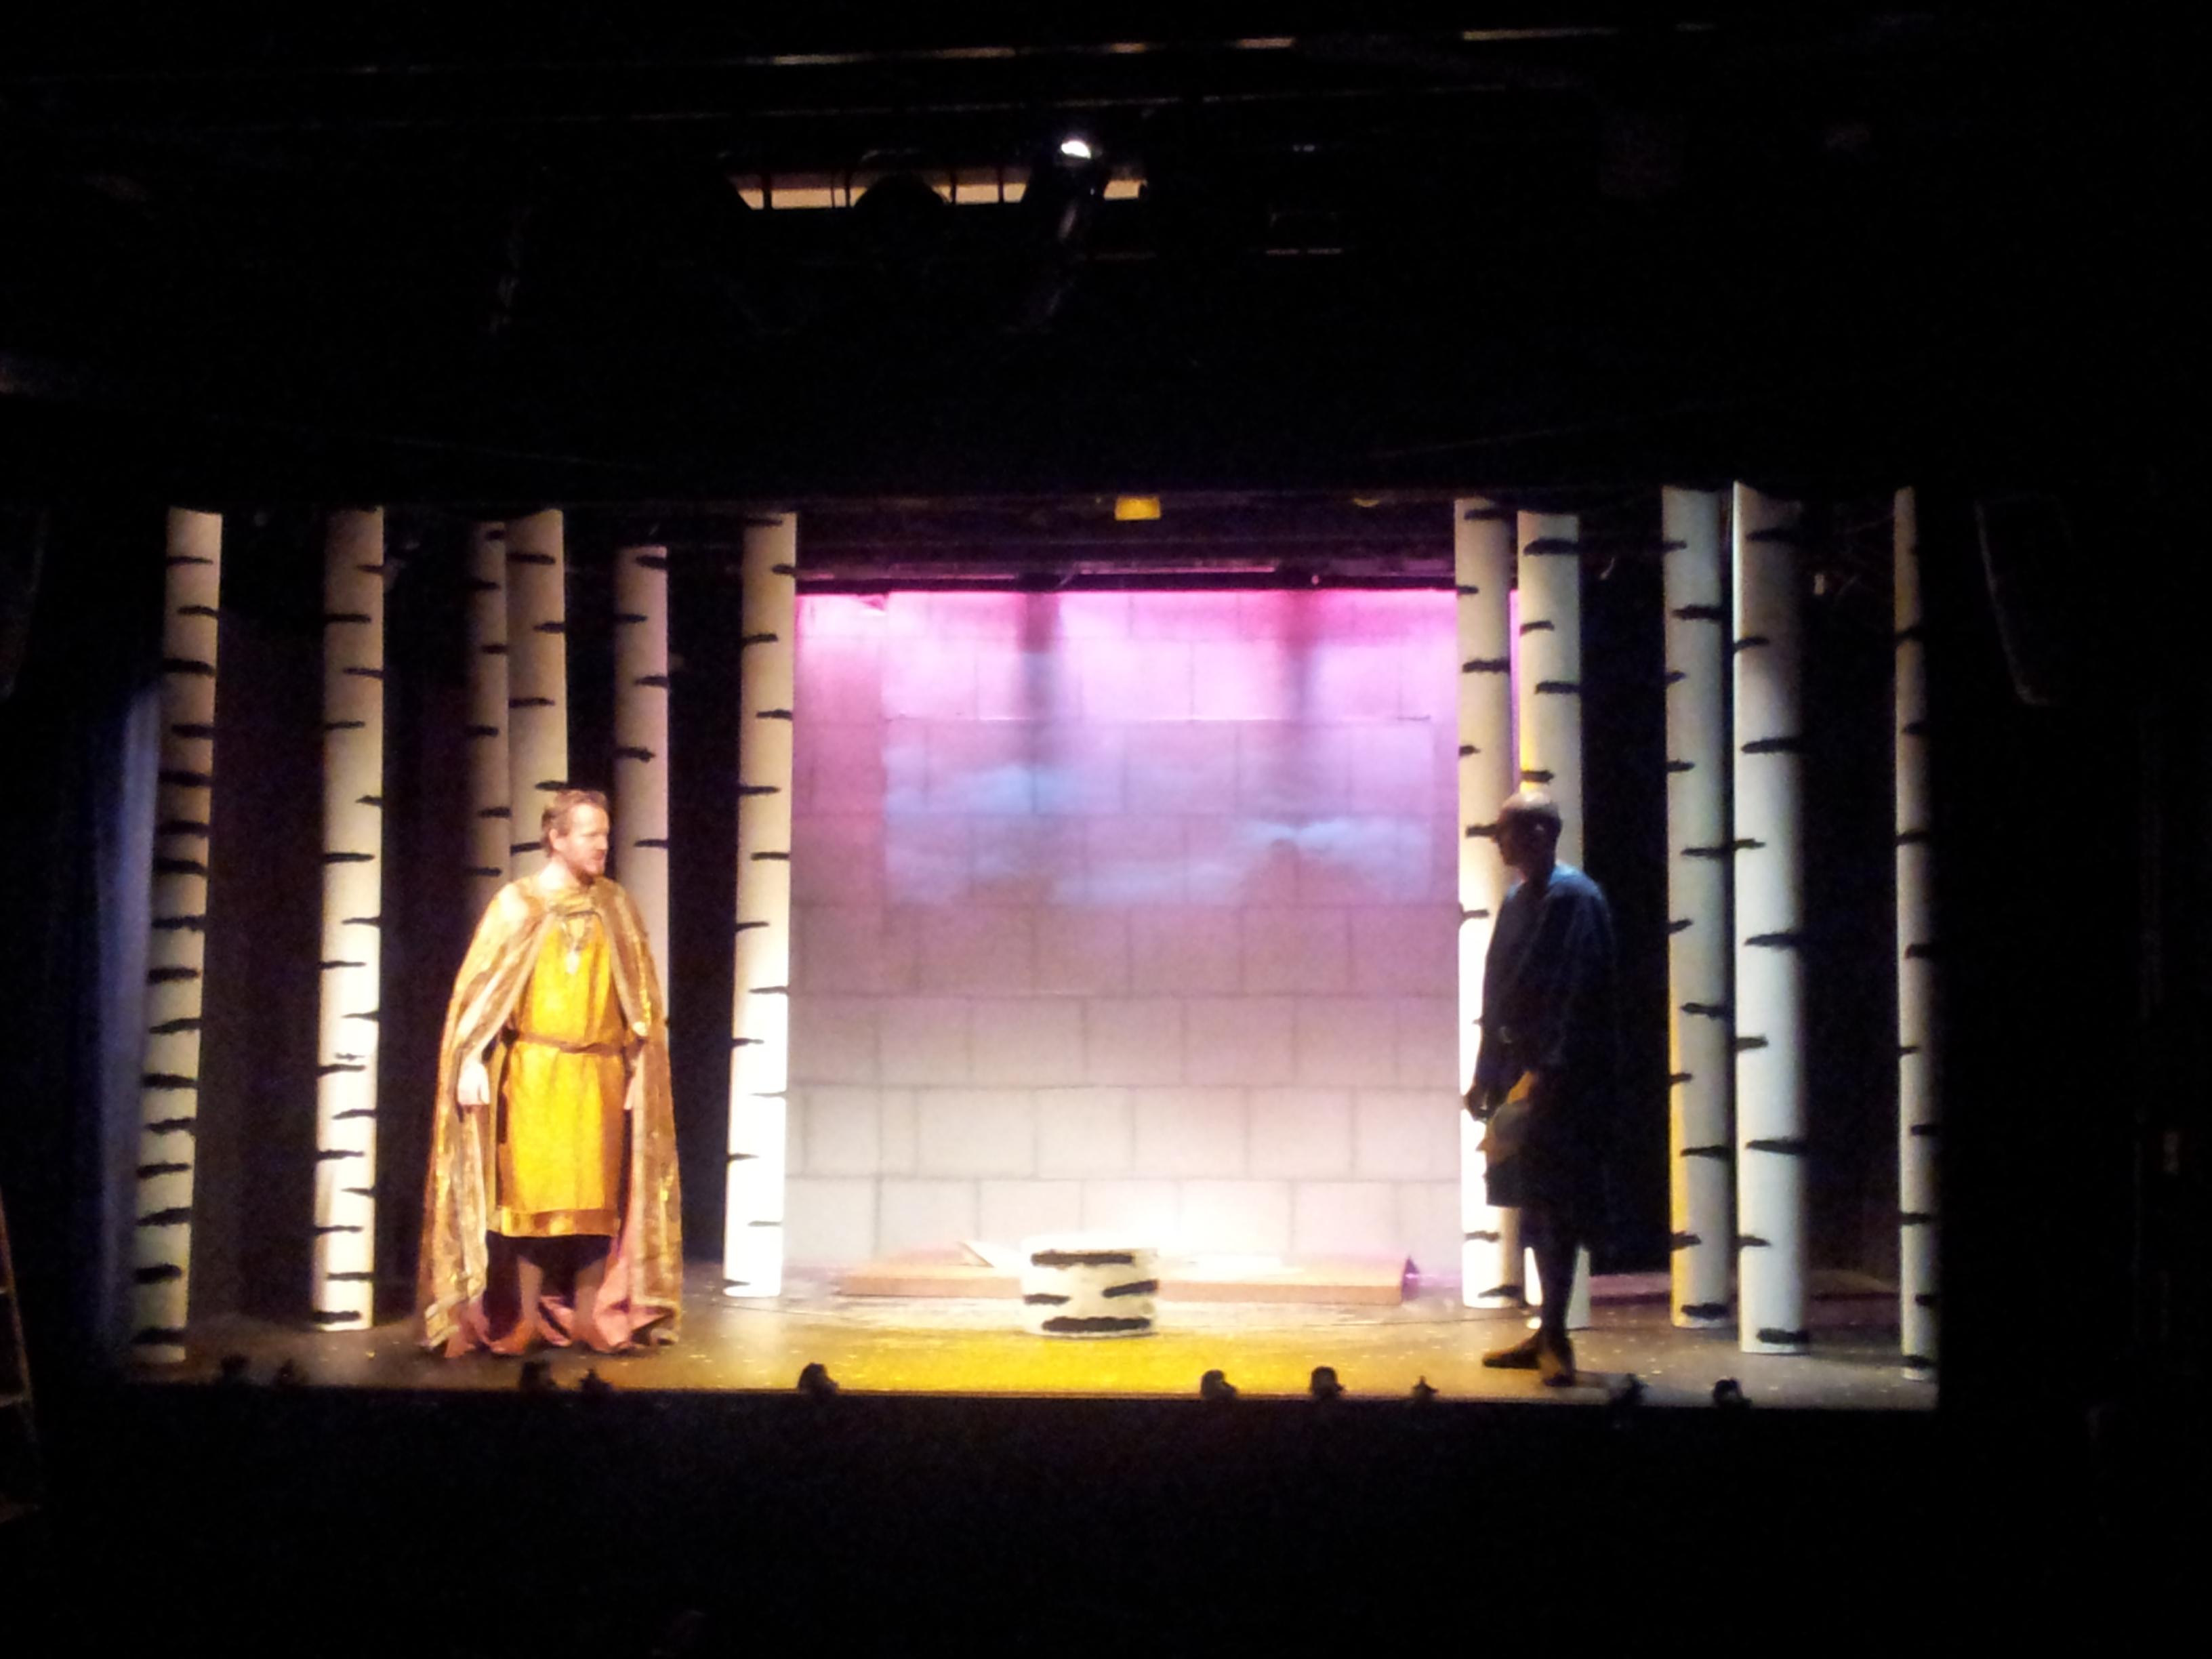 Theatre Lighting Works We Run